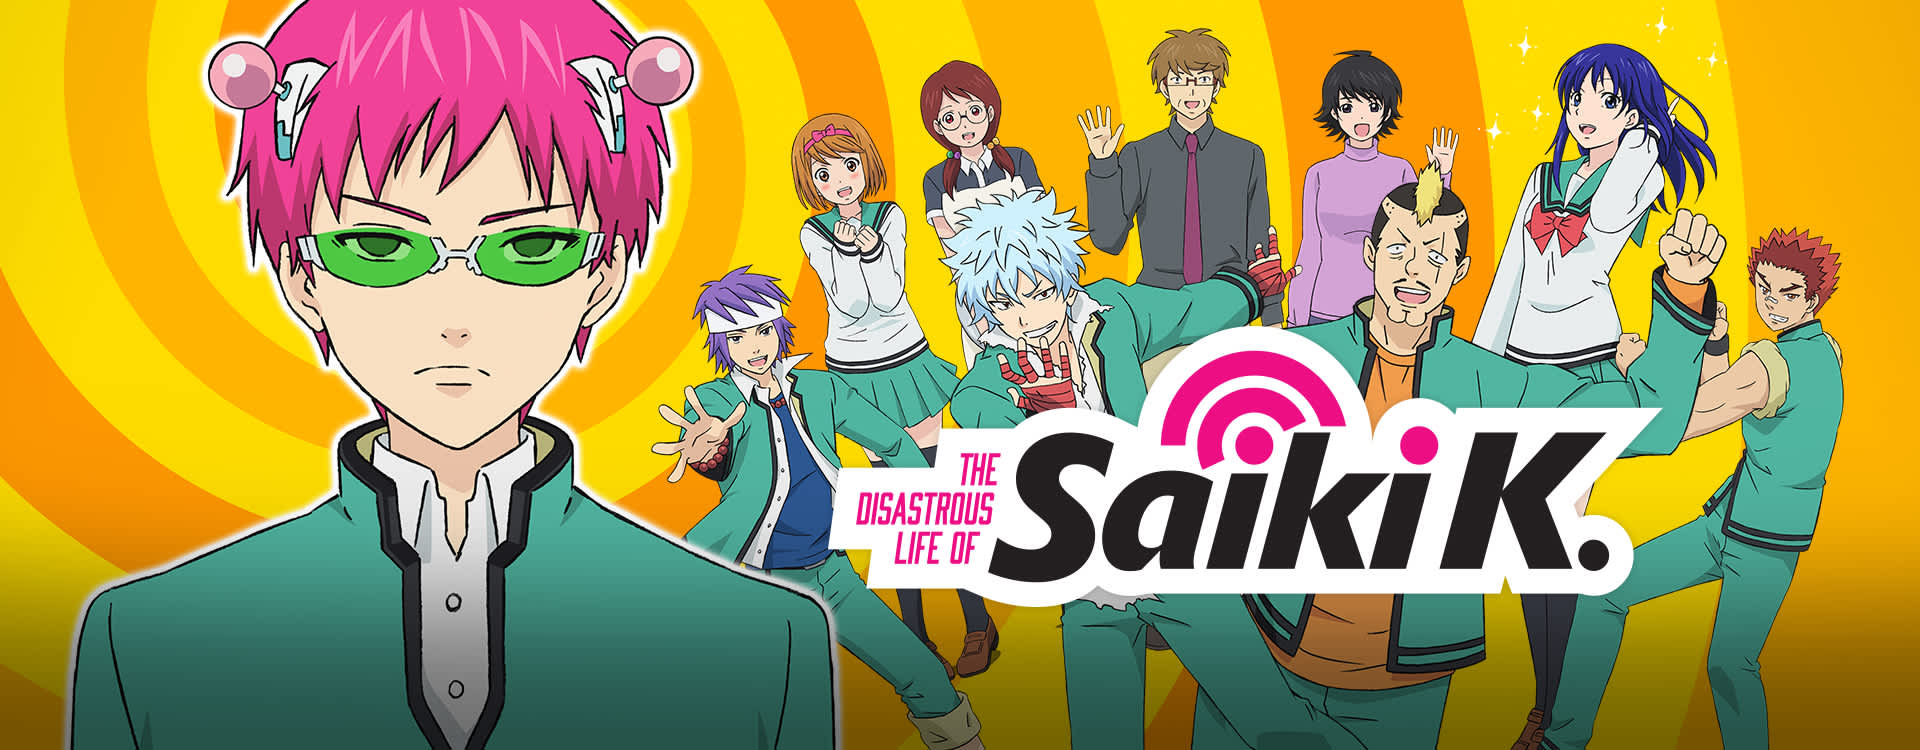 The Disastrous Life of Saiki K.